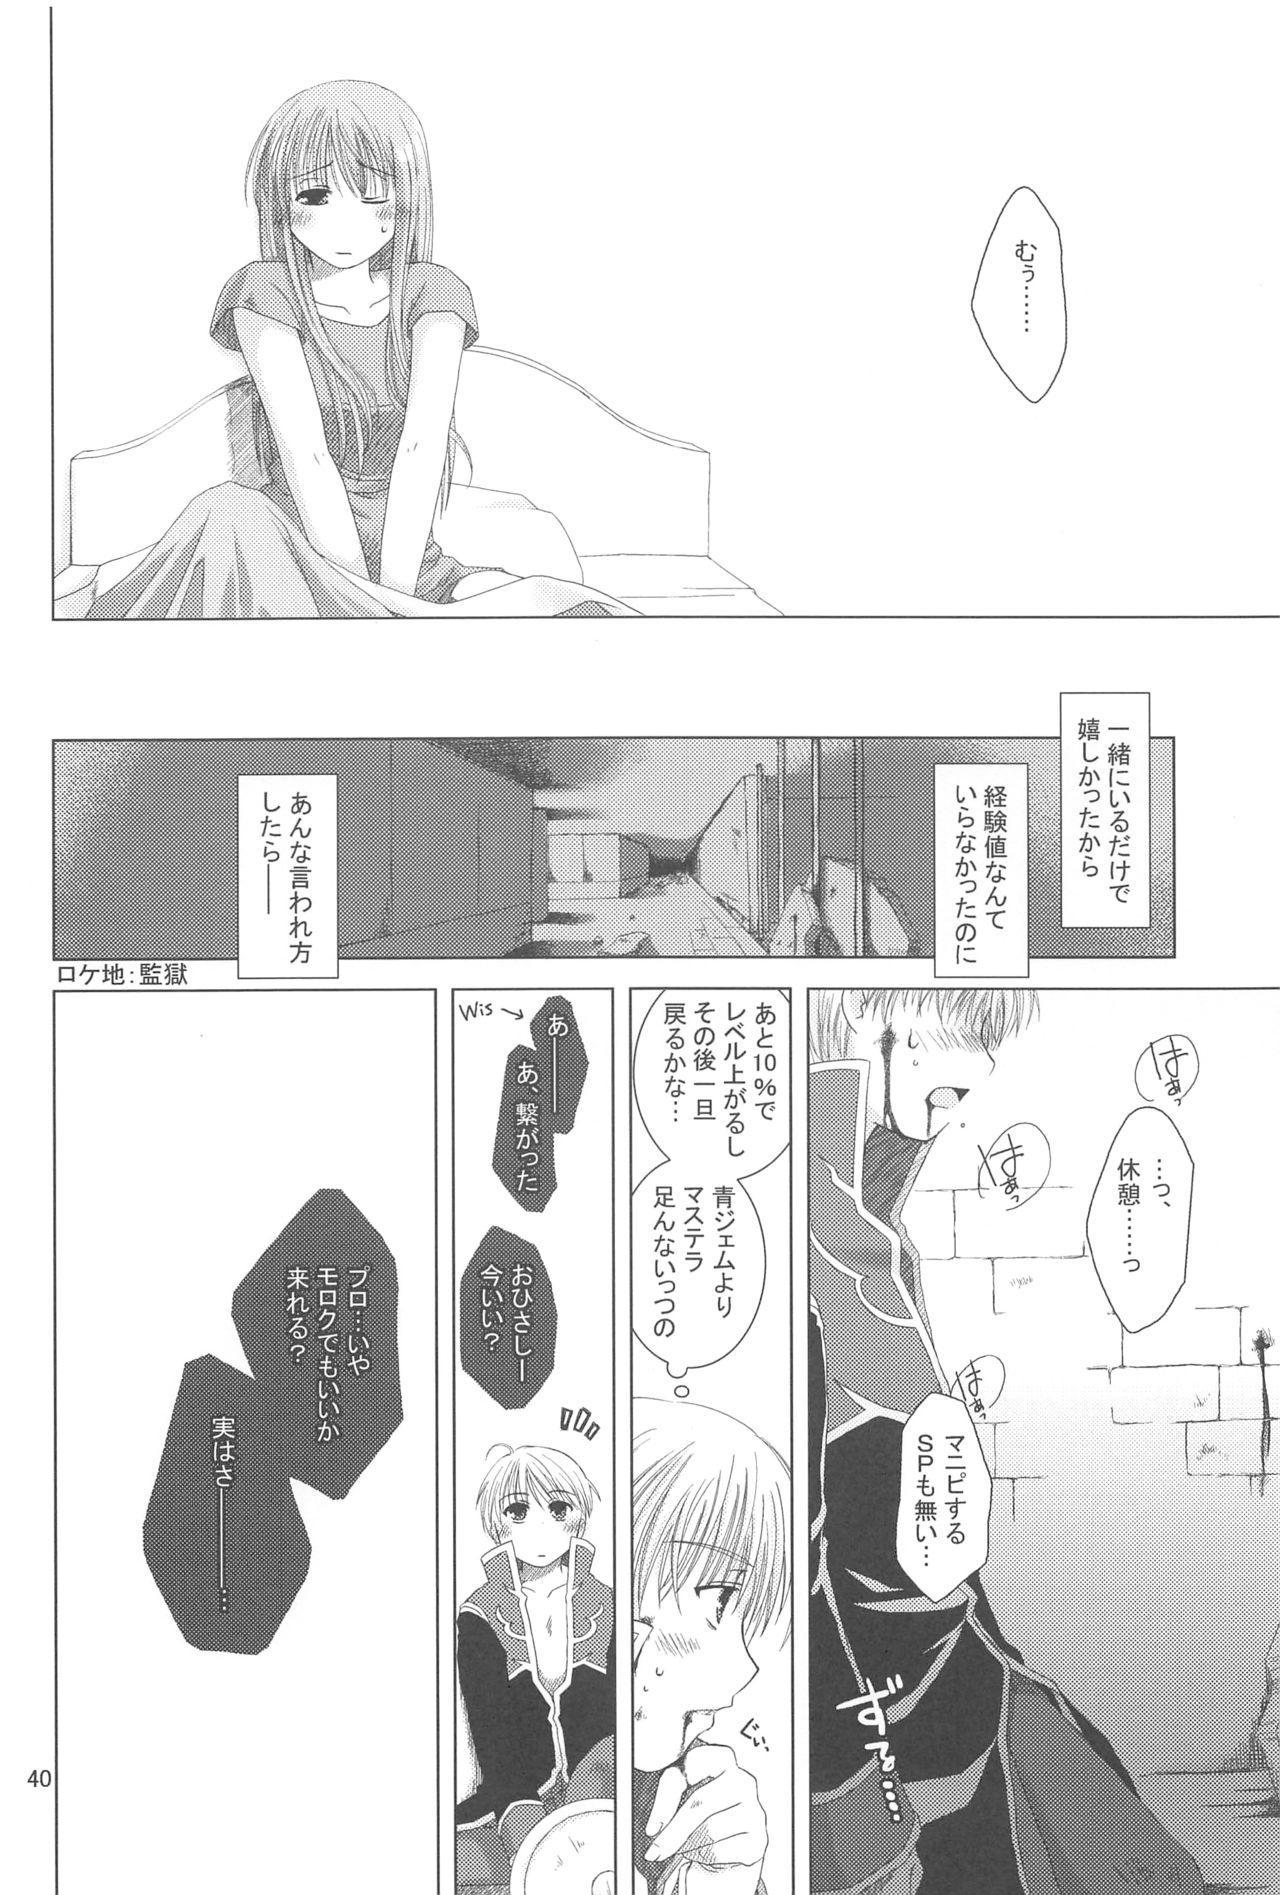 Quagmire no Chuushin de, Shuuchuuryoku Koujou to Sakebu 38